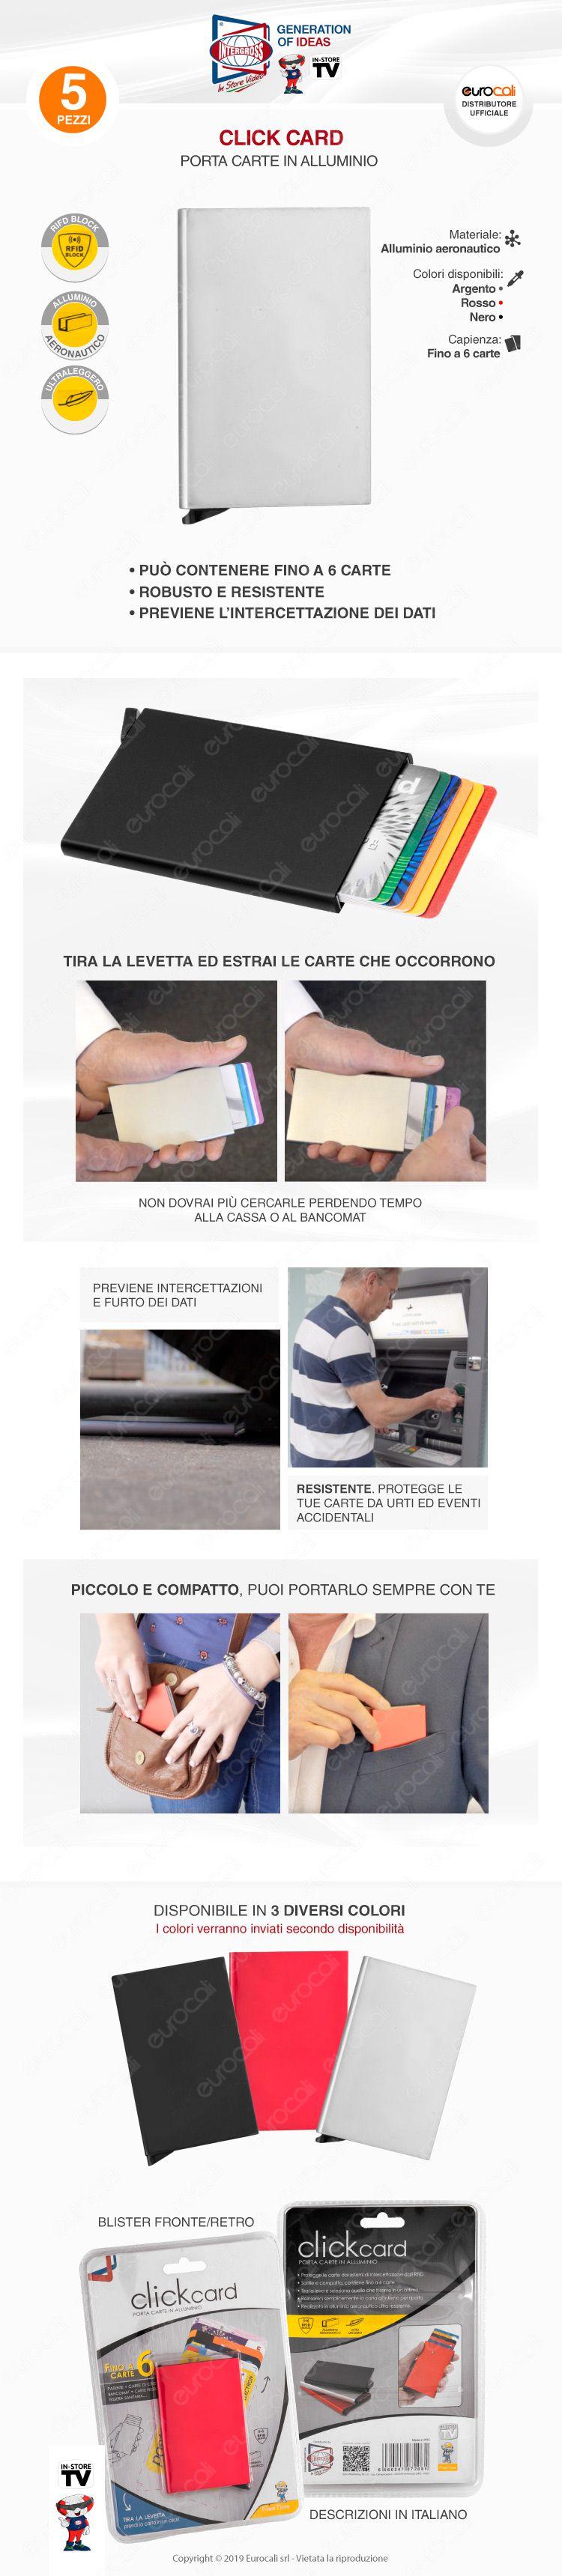 Kit 5 Click Card Intergross Porta Carte in Alluminio Ultra Leggero con RFID Block